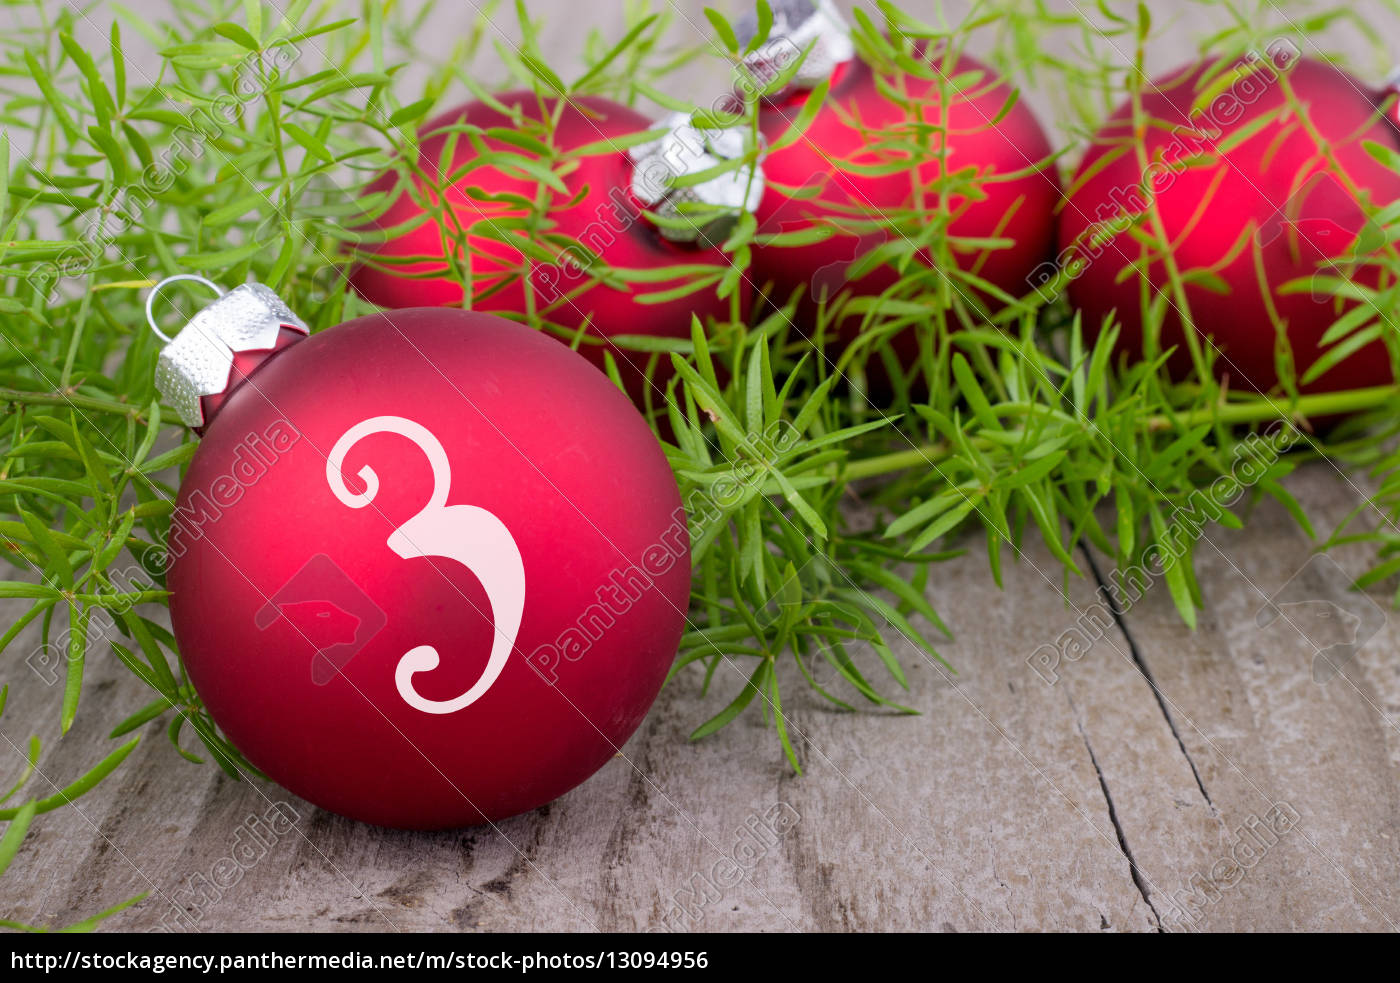 tafel, winter, holz, advent, vorweihnachtszeit, dritte - 13094956